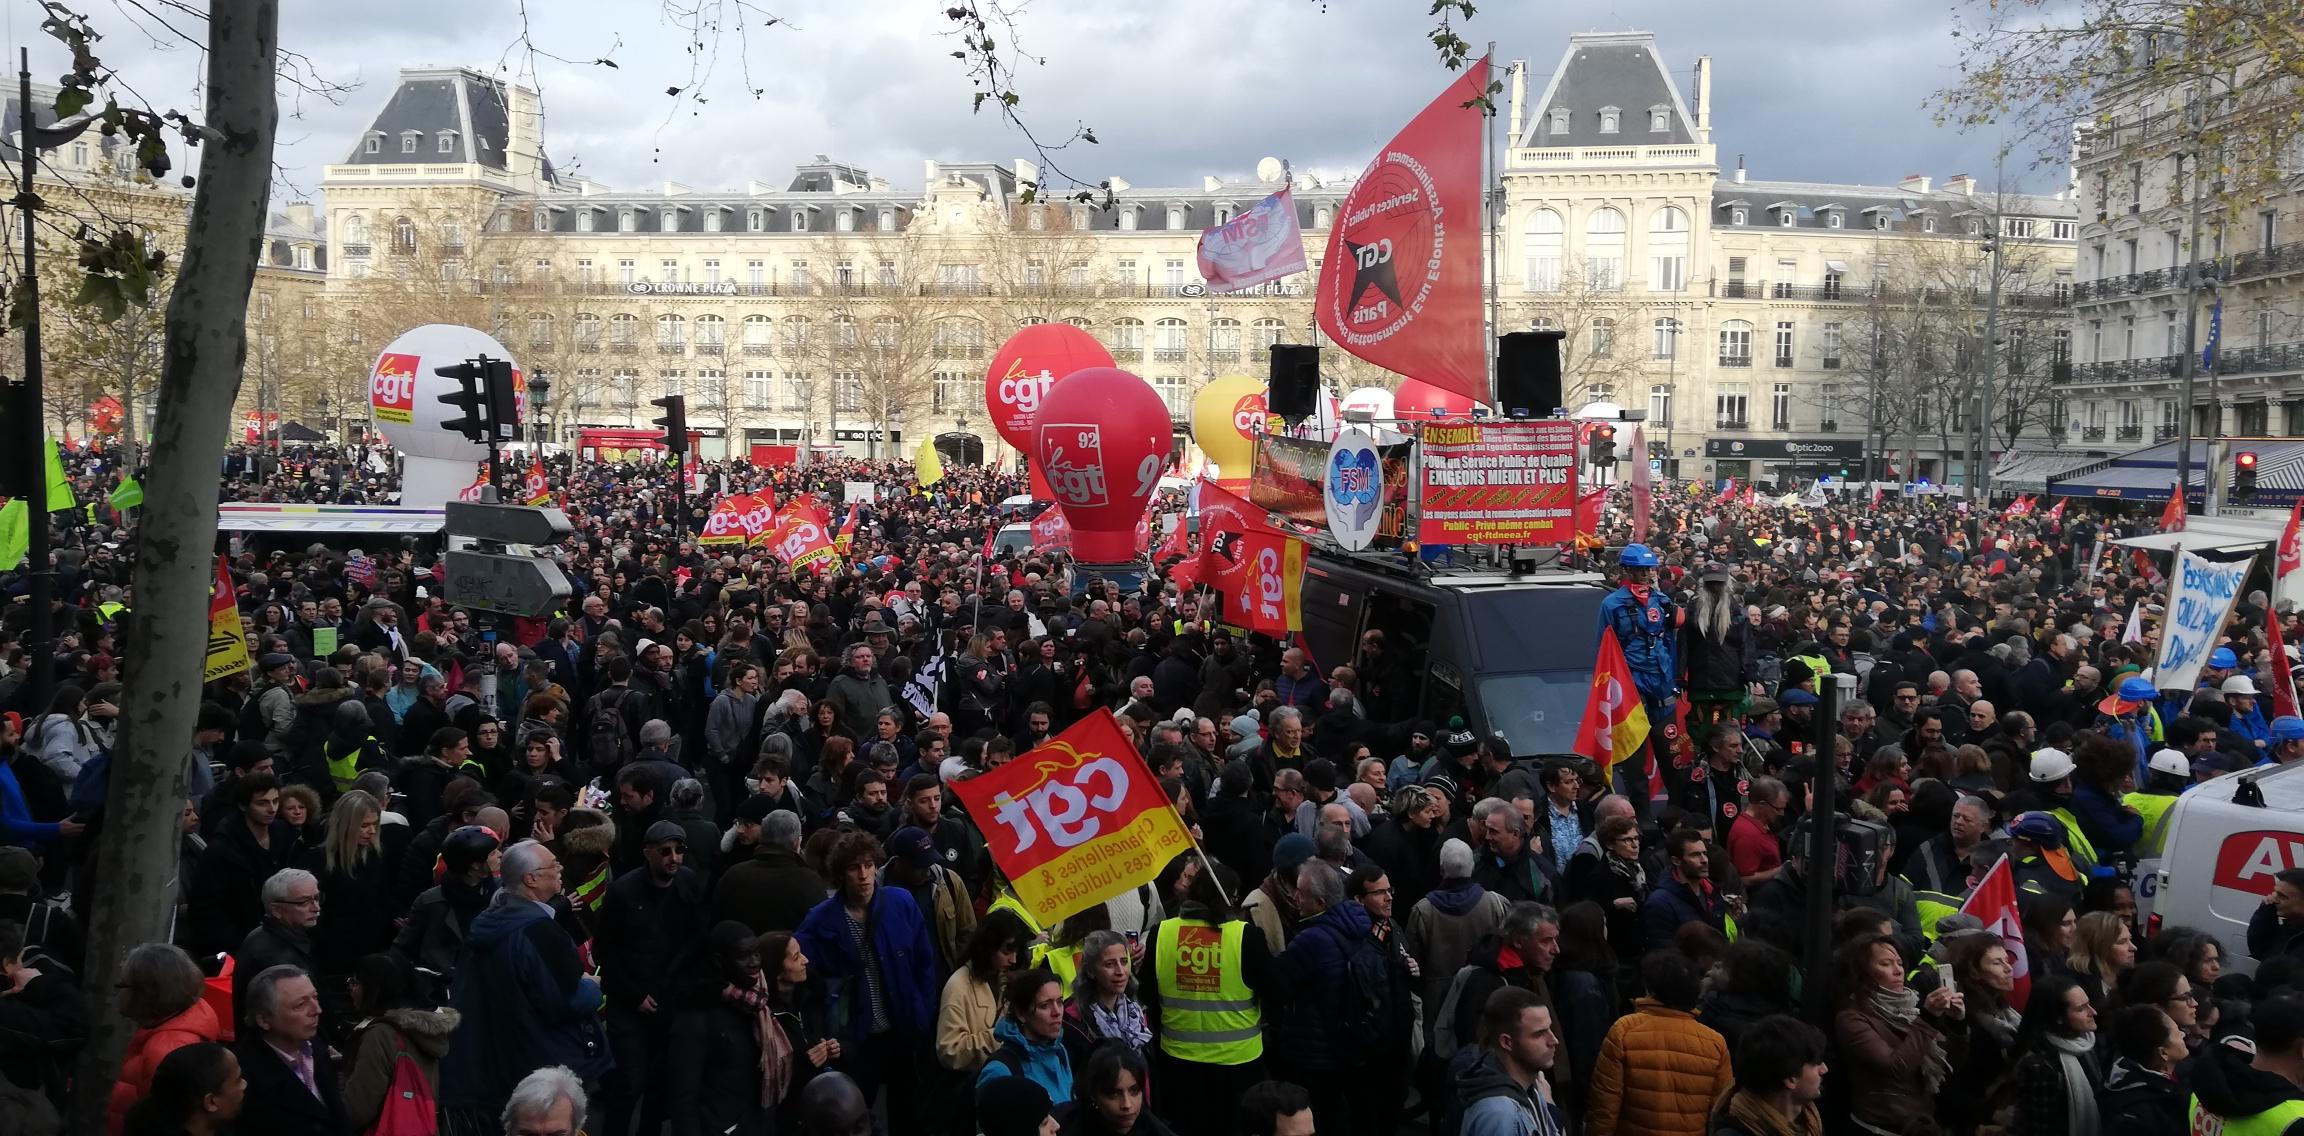 Forces et faiblesses du syndicalisme : quel ancrage social ? Quelles perspectives de redéploiement ?